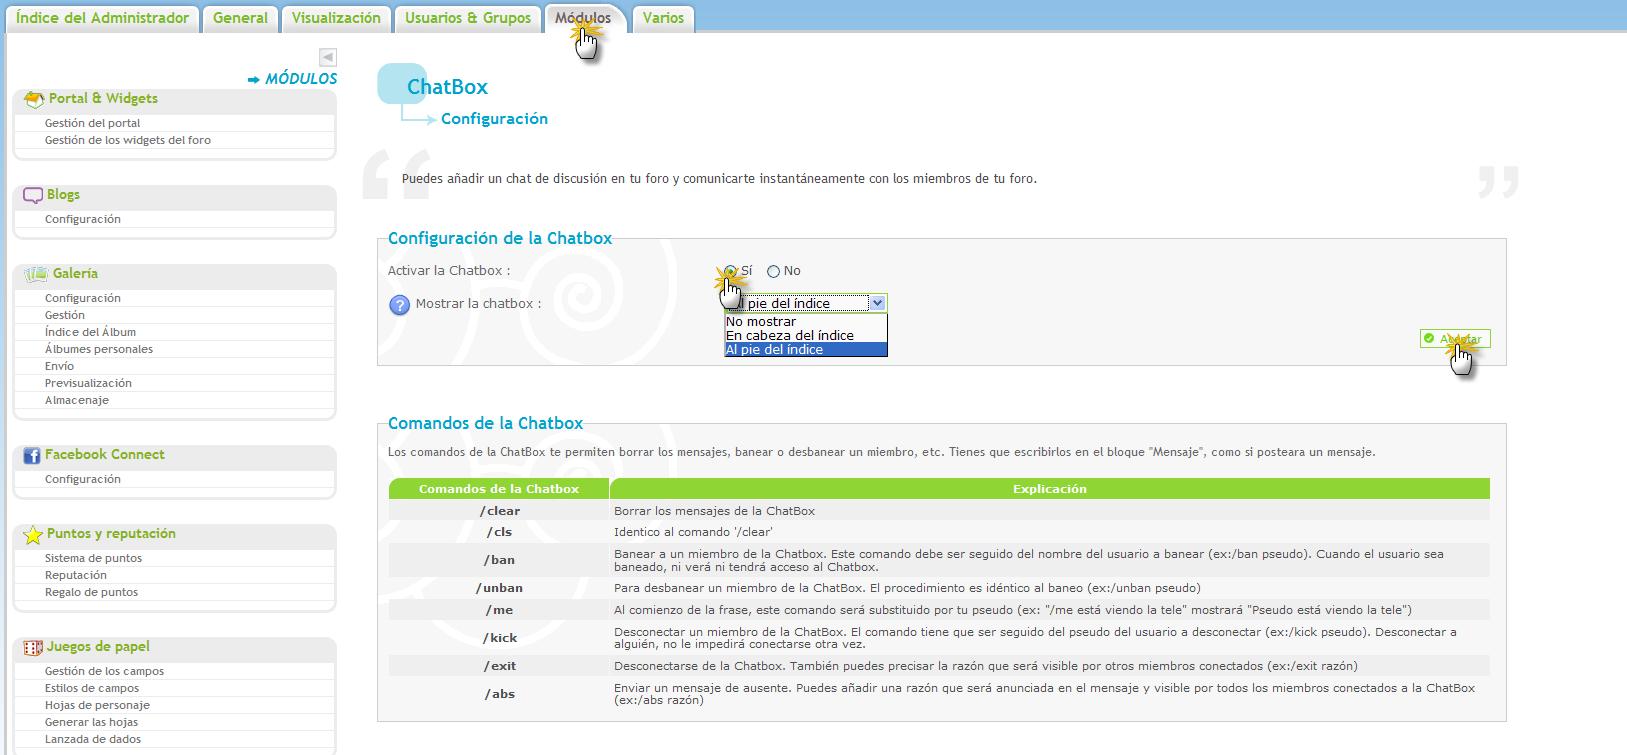 La Chatbox Chat10